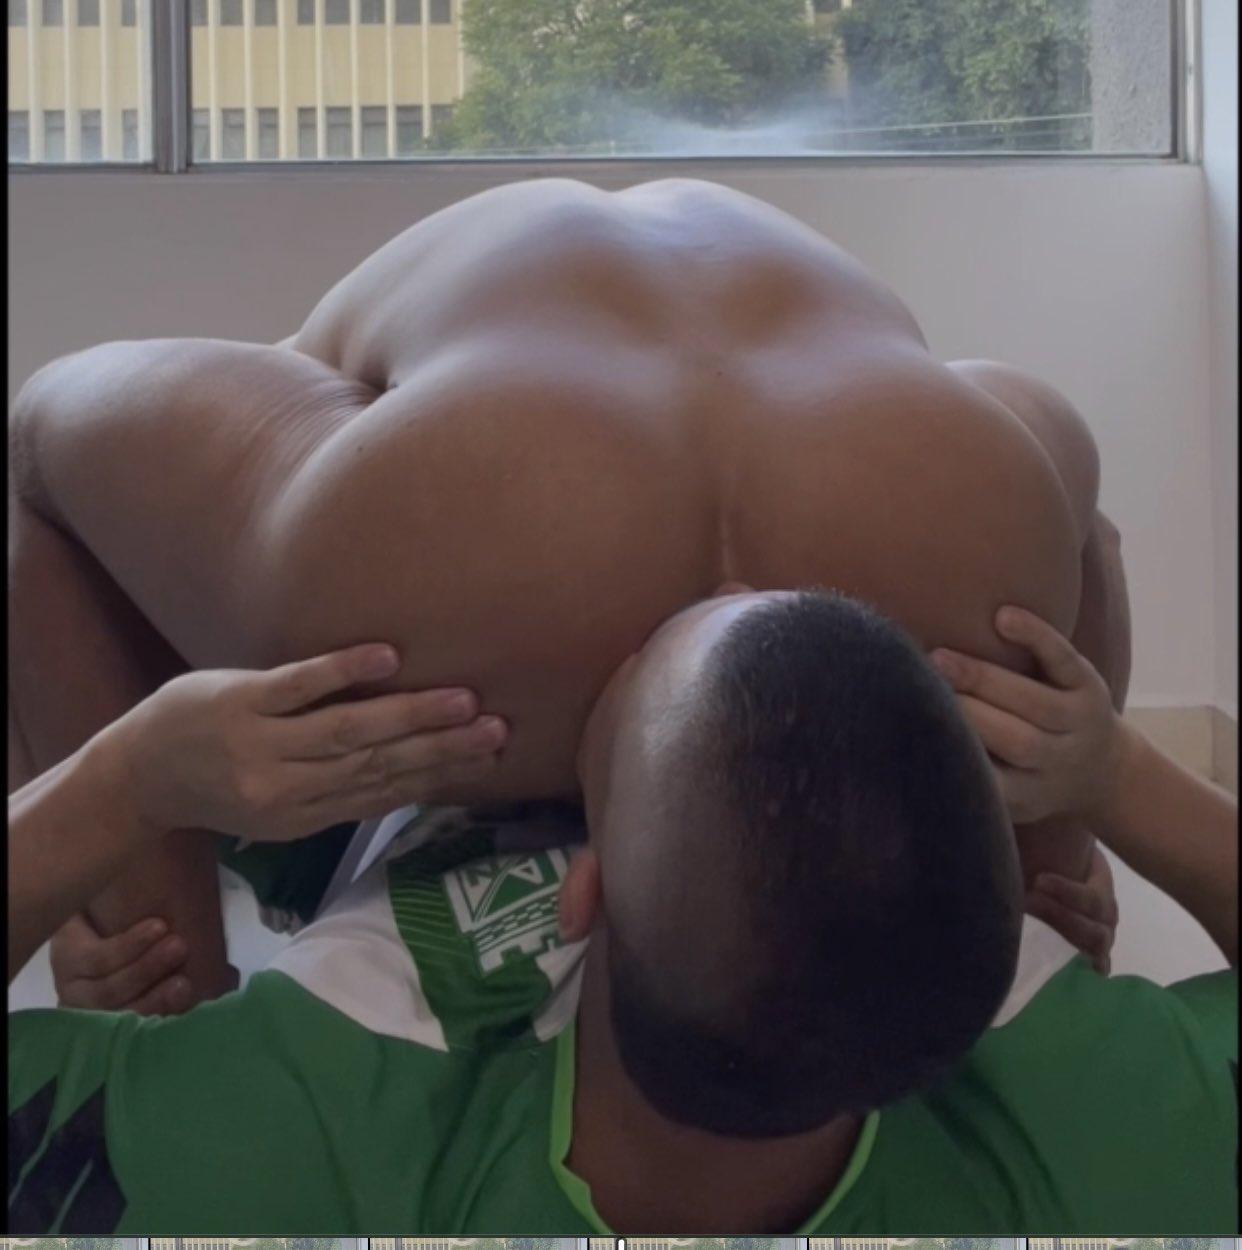 chuapndo culo a hombre en el futbol